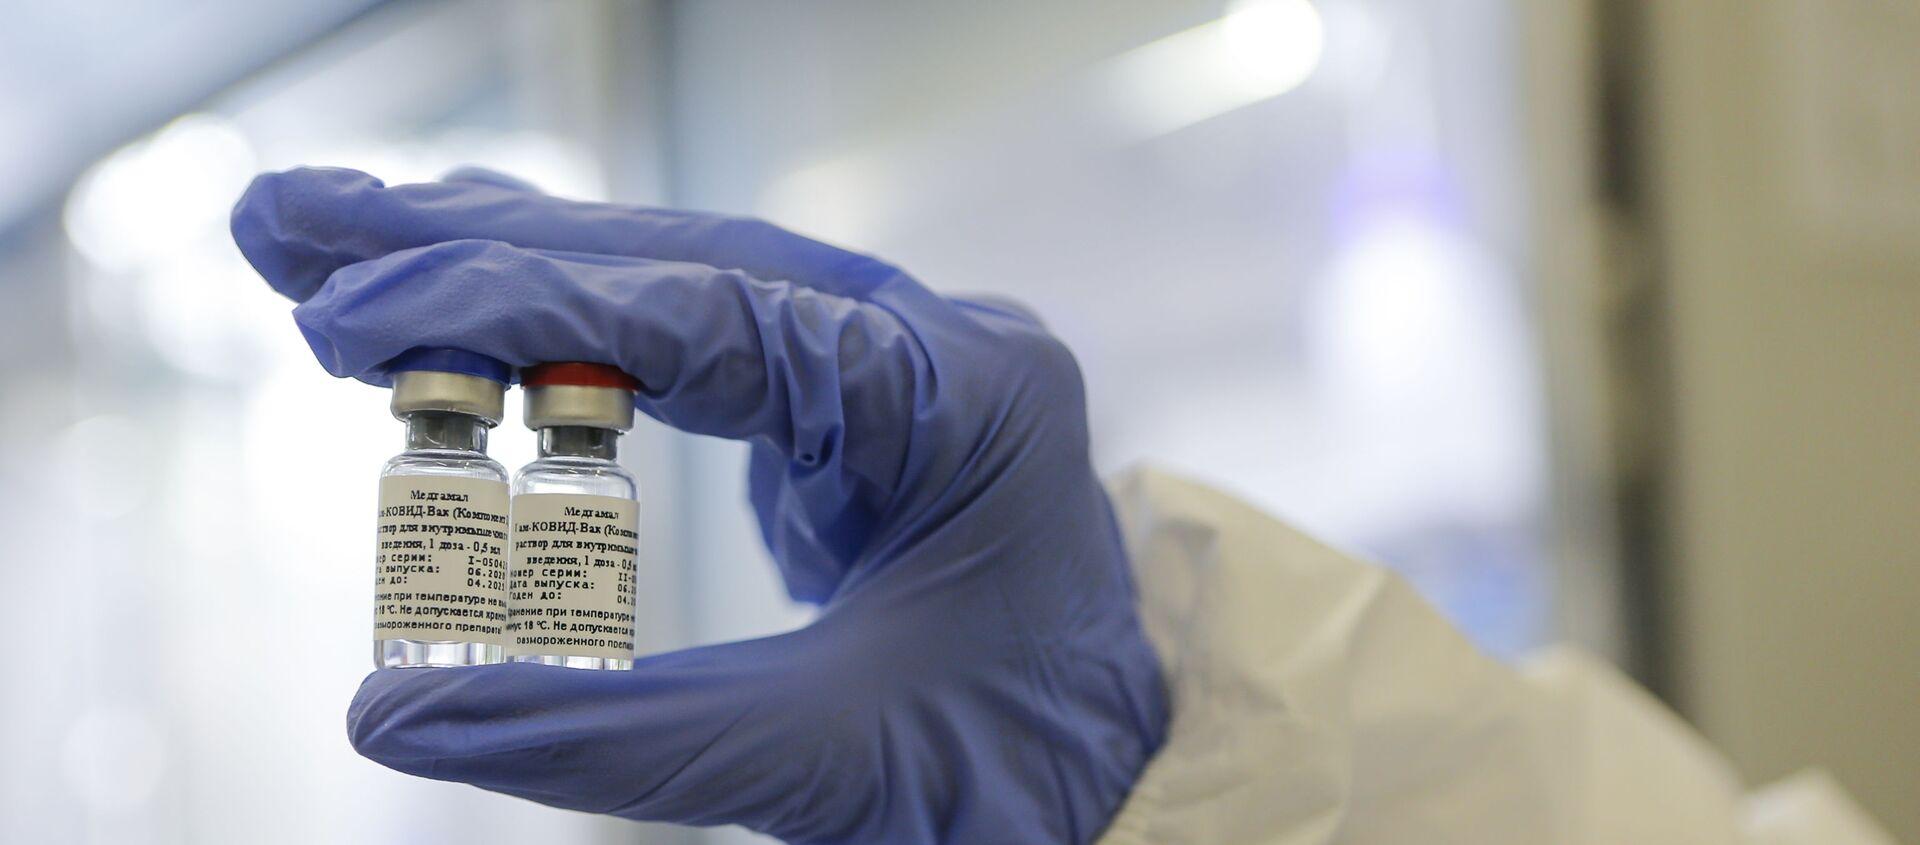 Produzione del vaccino russo contro il coronavirus - Sputnik Italia, 1920, 09.02.2021